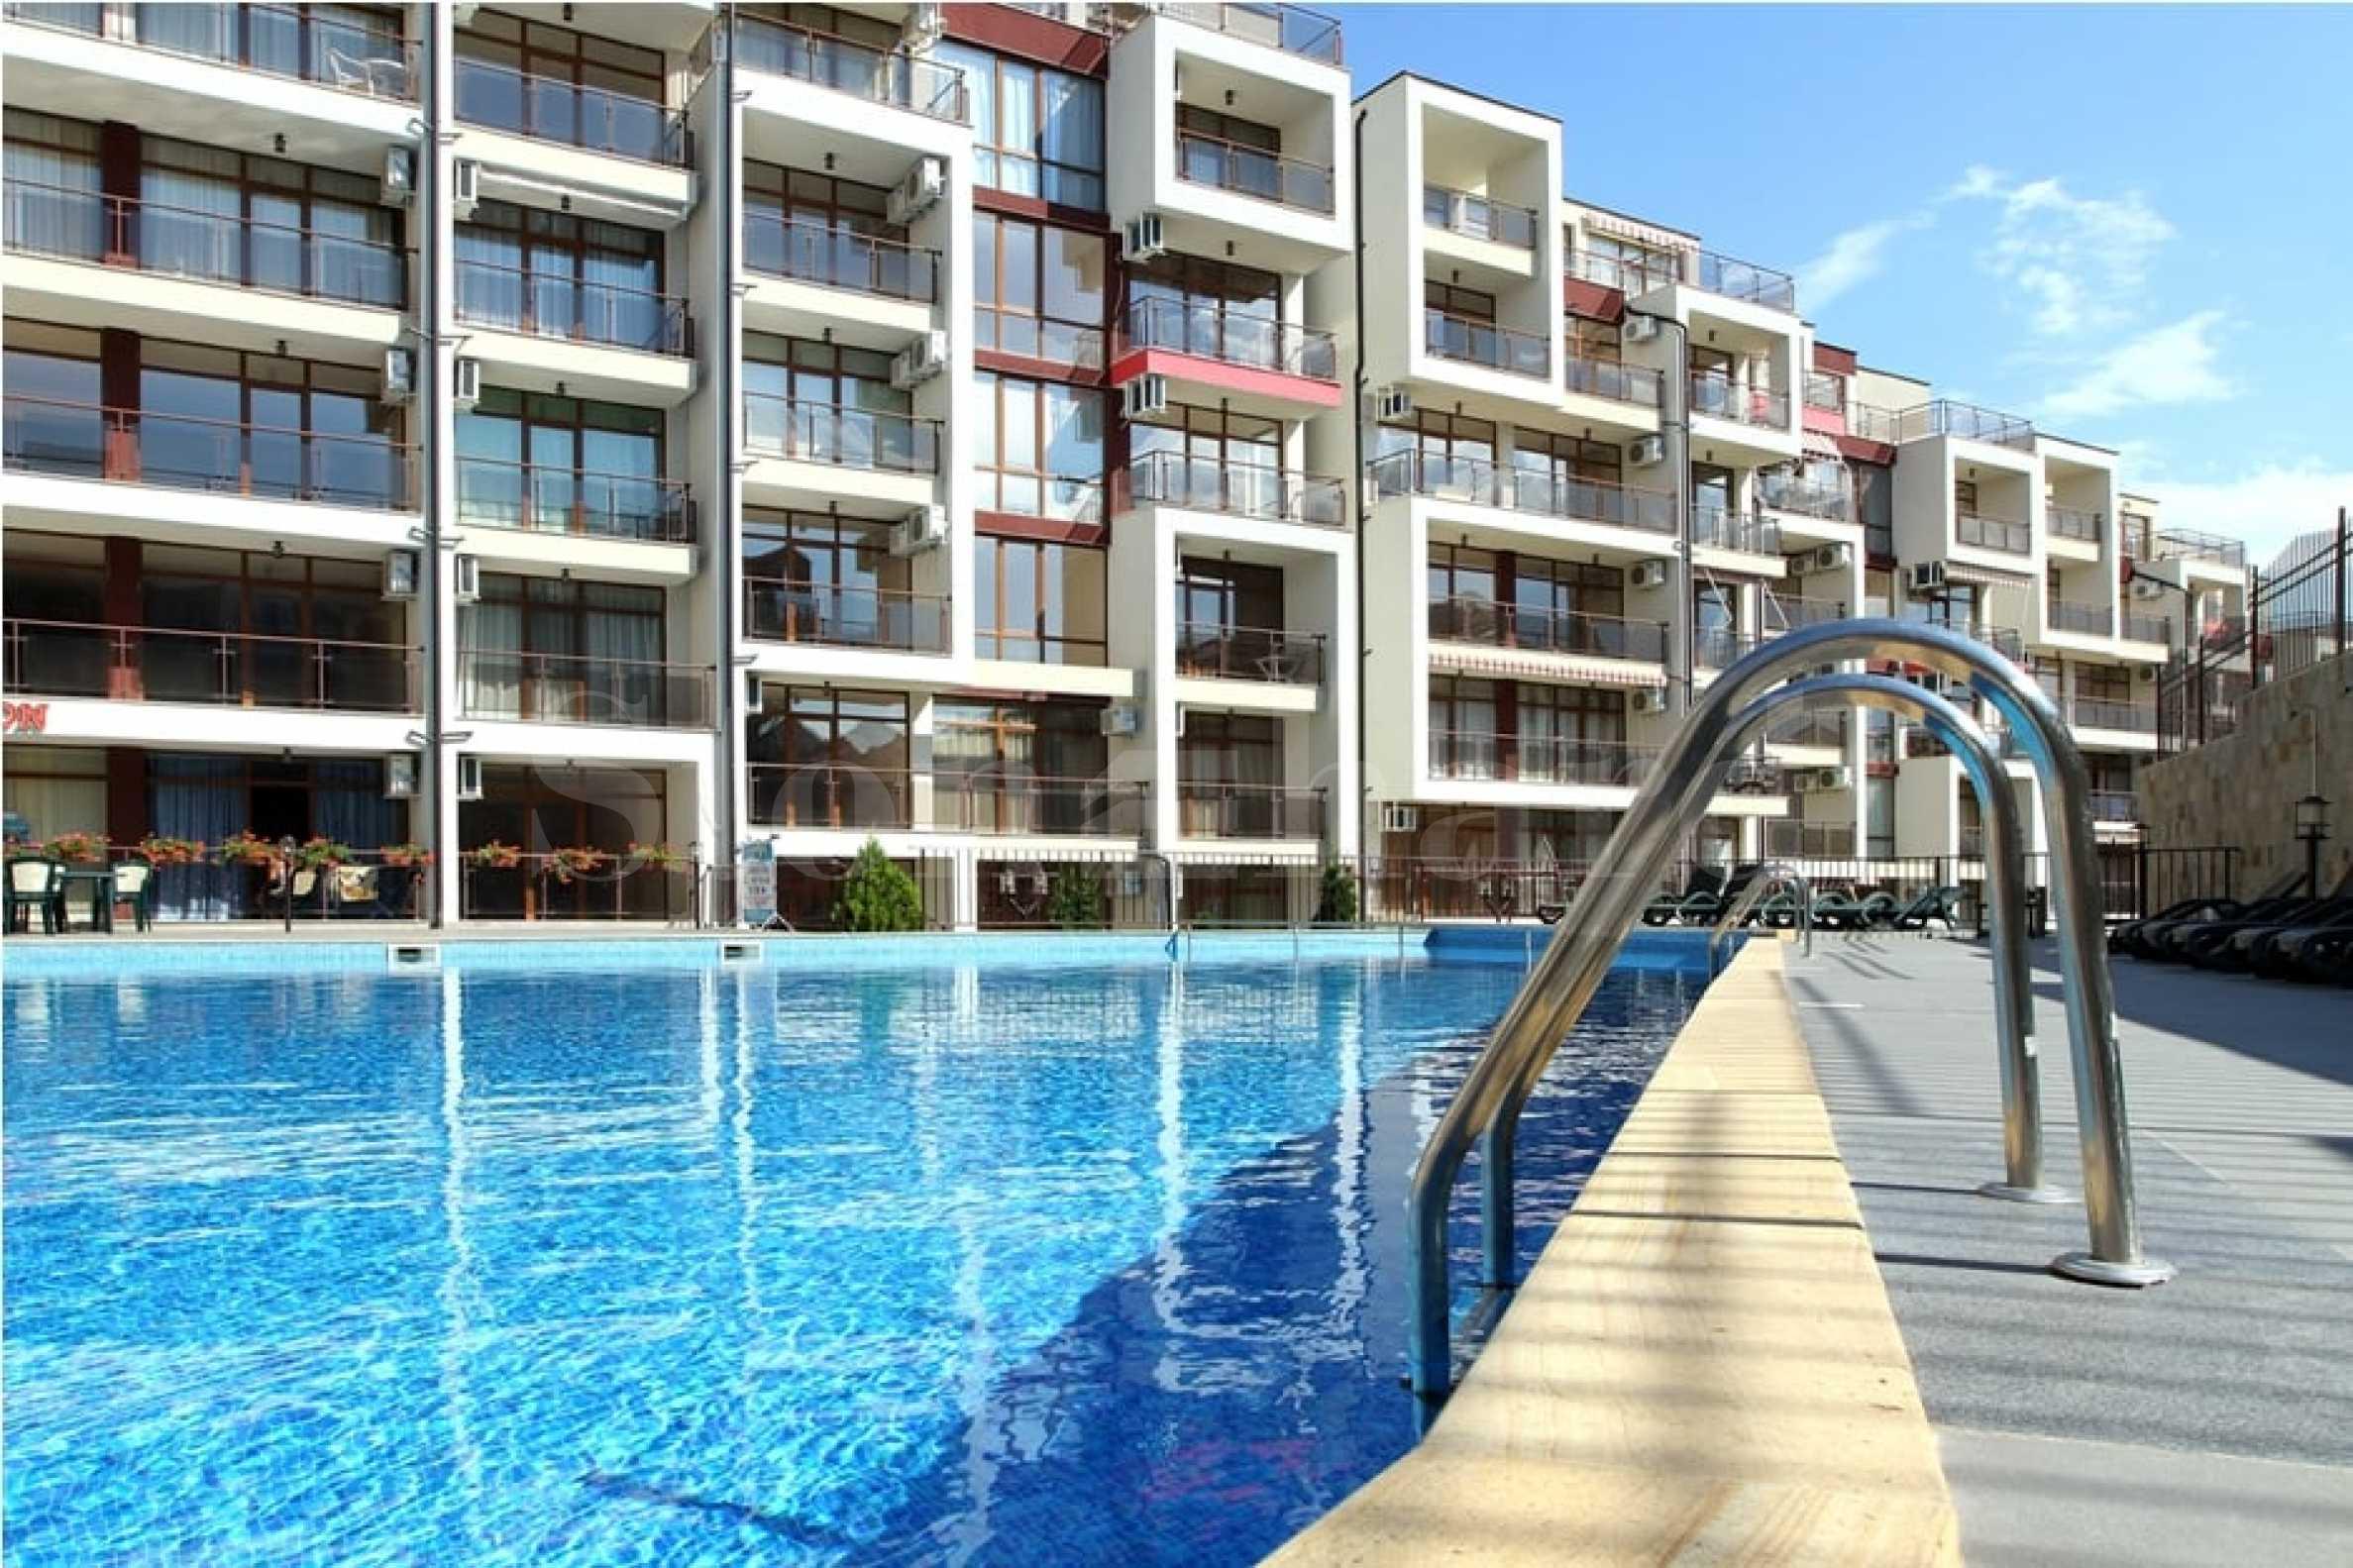 Апартаменти с гледки море в комплекс с Акт 16 в Свети Влас2 - Stonehard